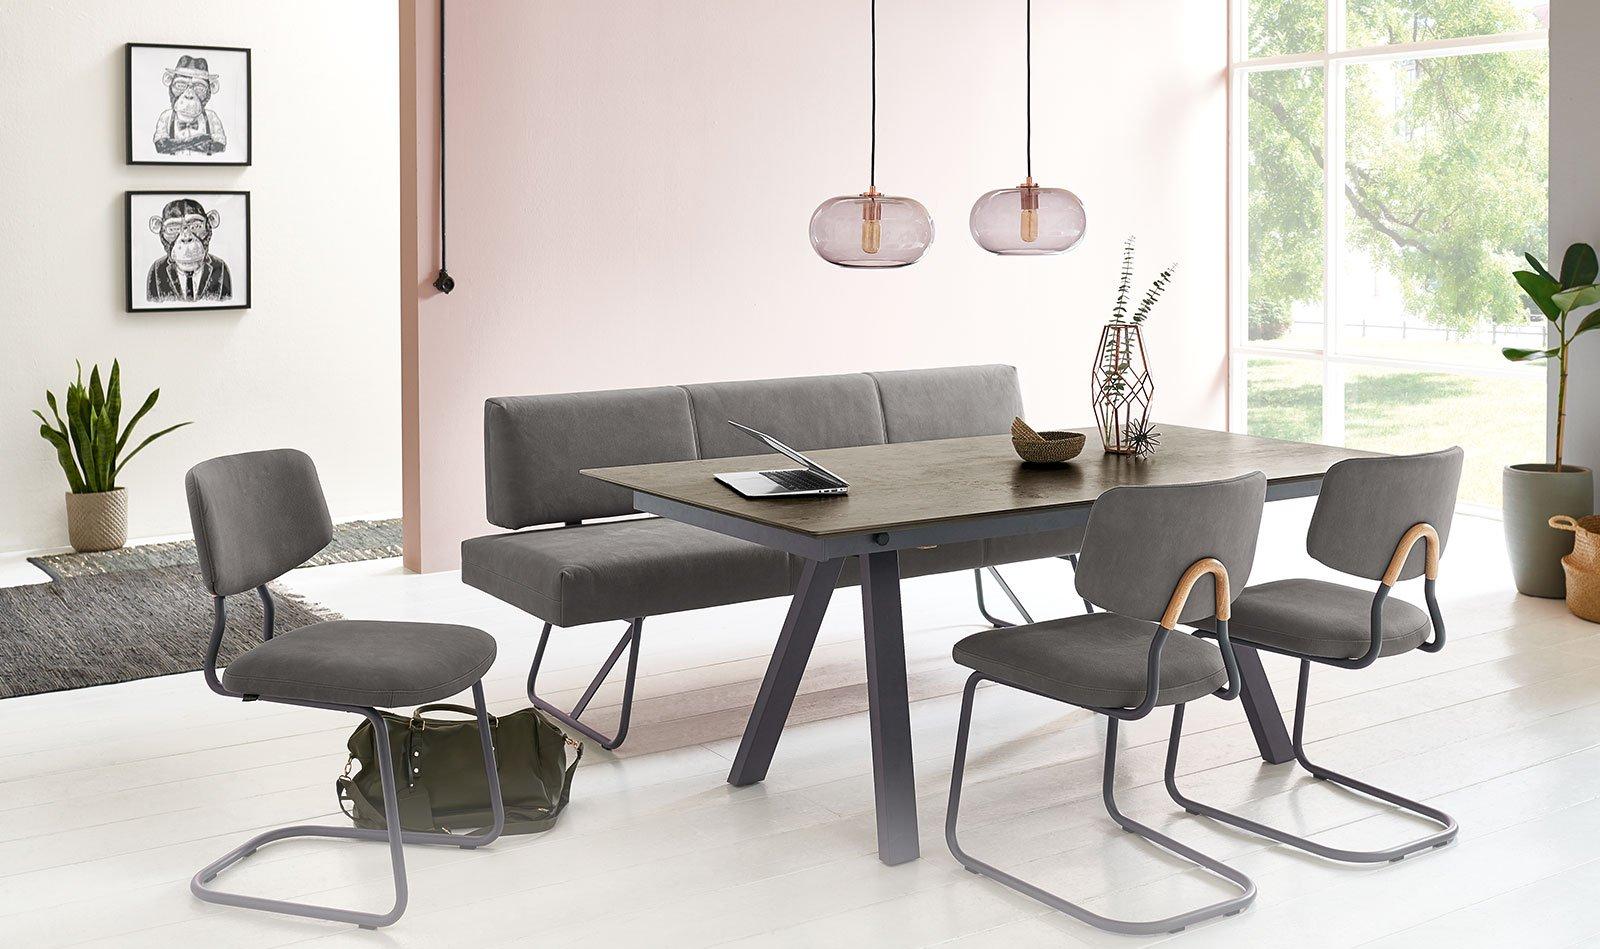 Lederbank Esstisch minimalistischer Stil